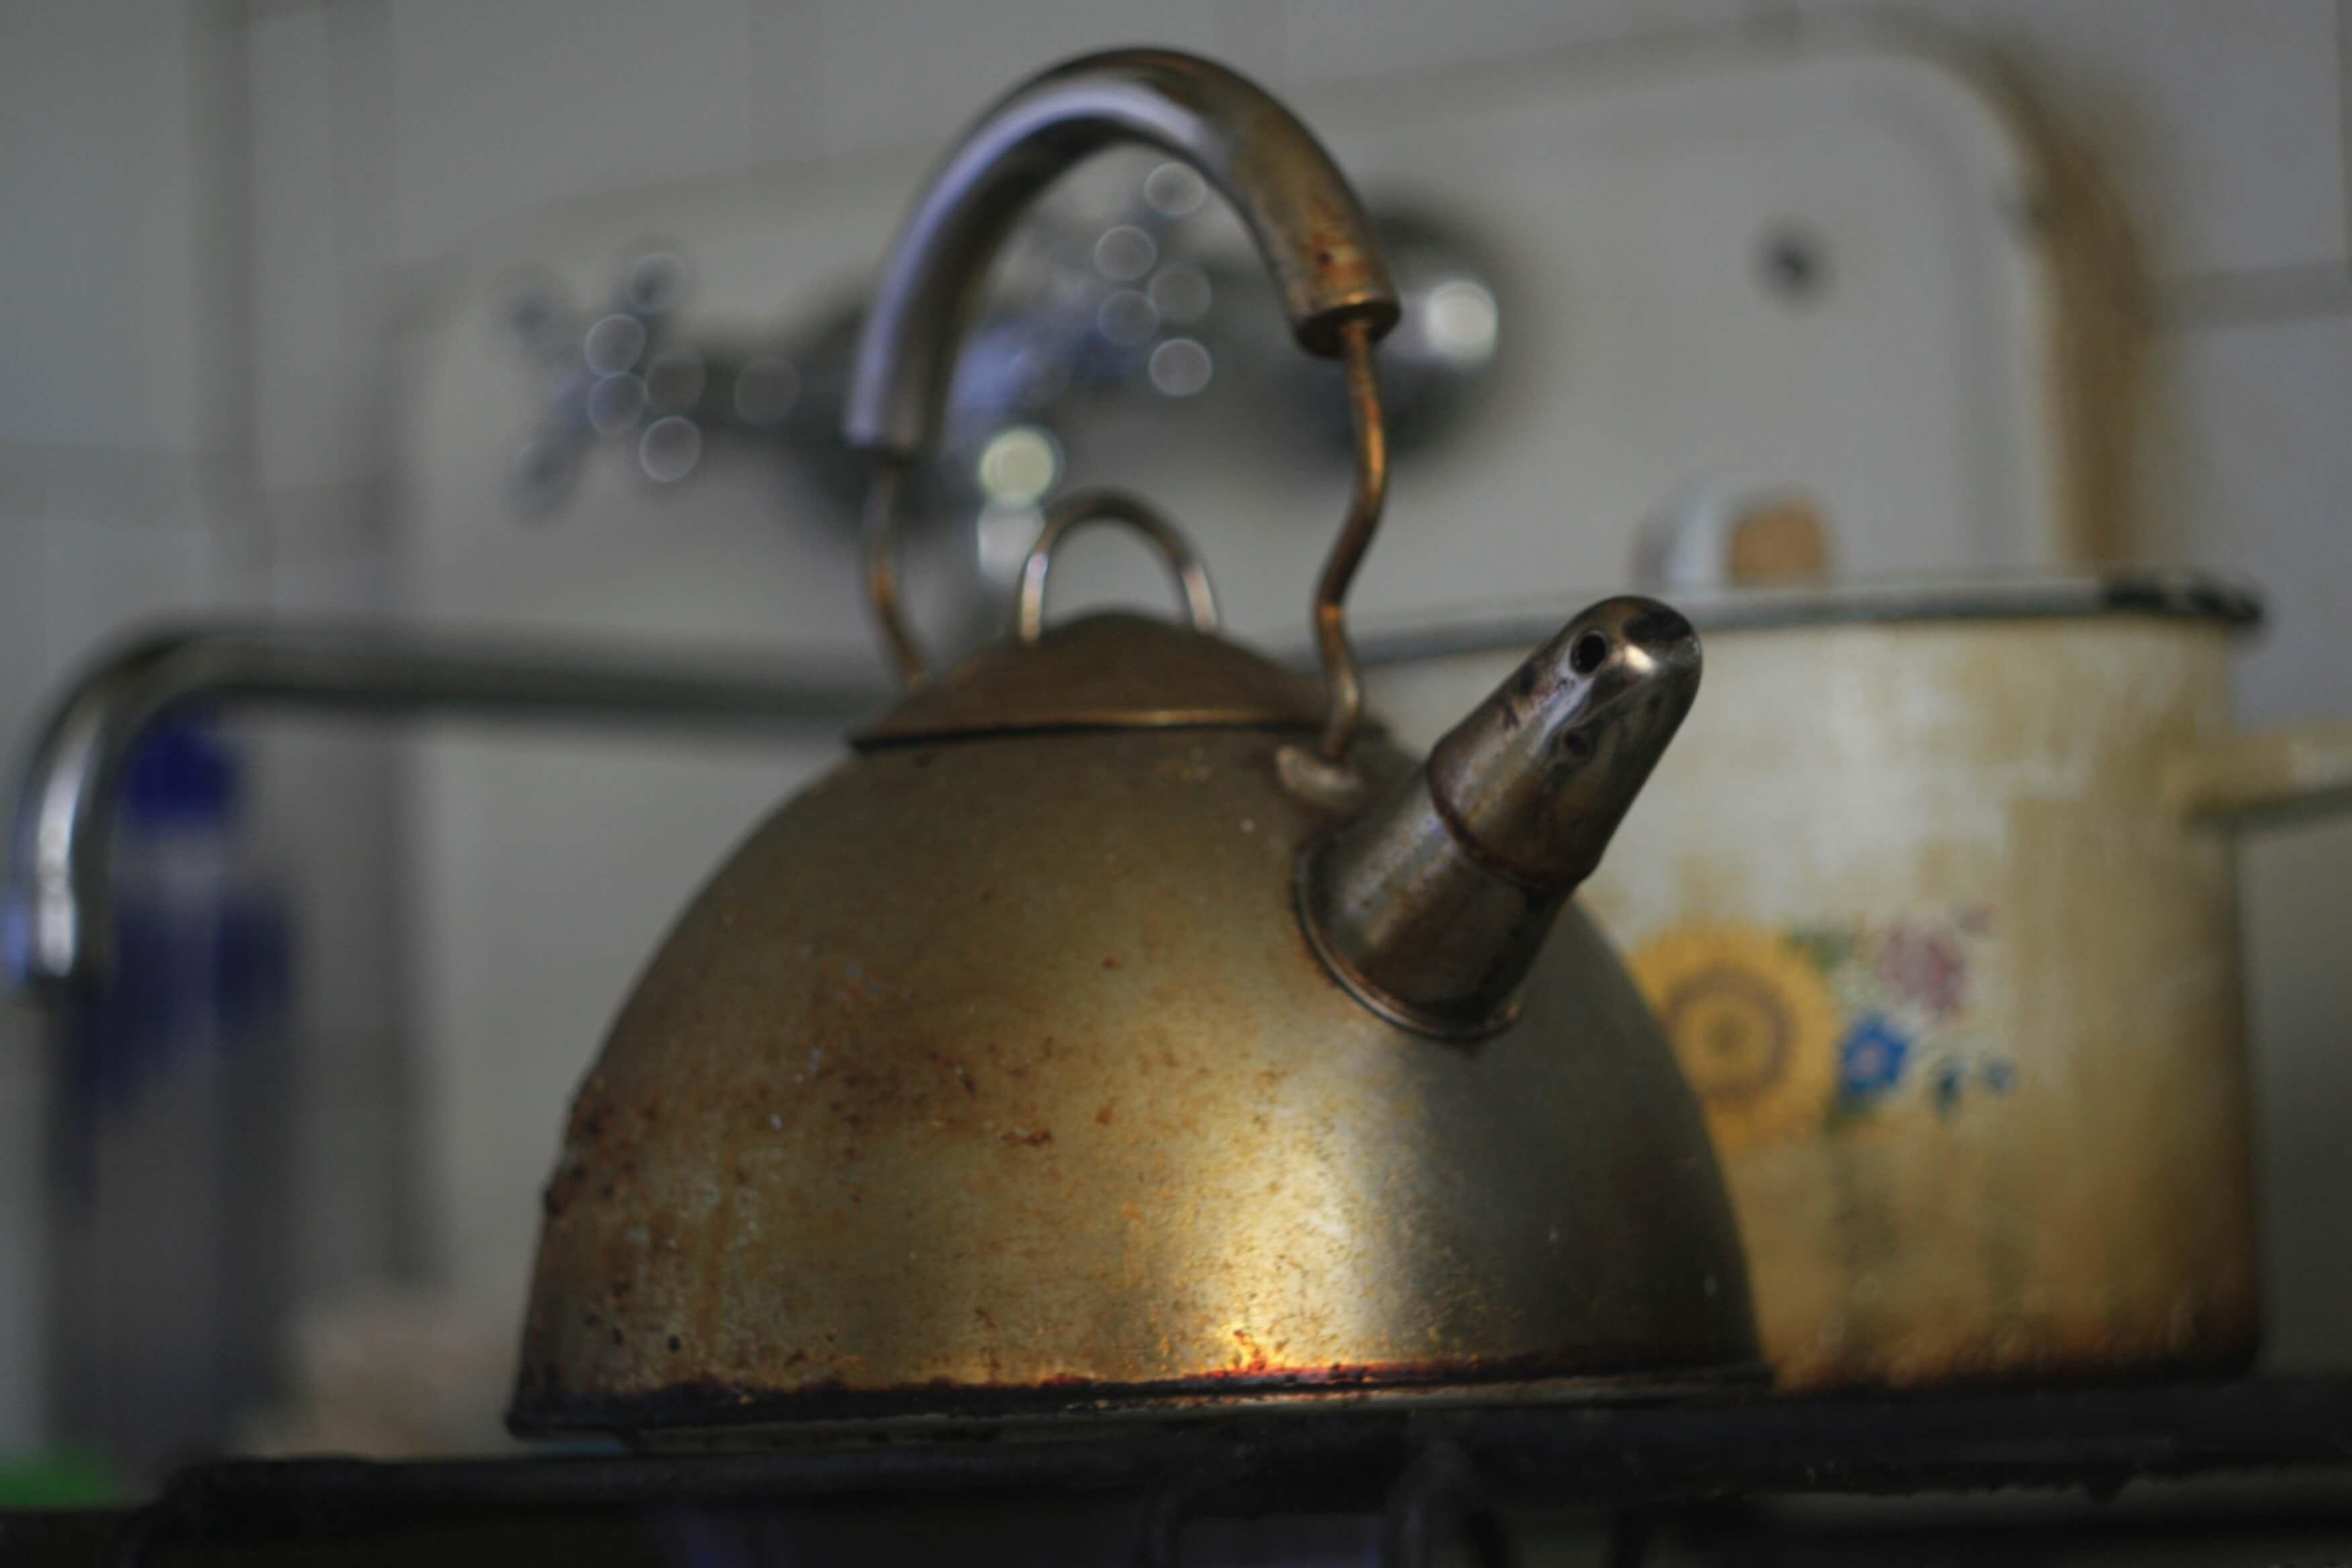 Как очистить чайник от накипи 6 домашних средств 71